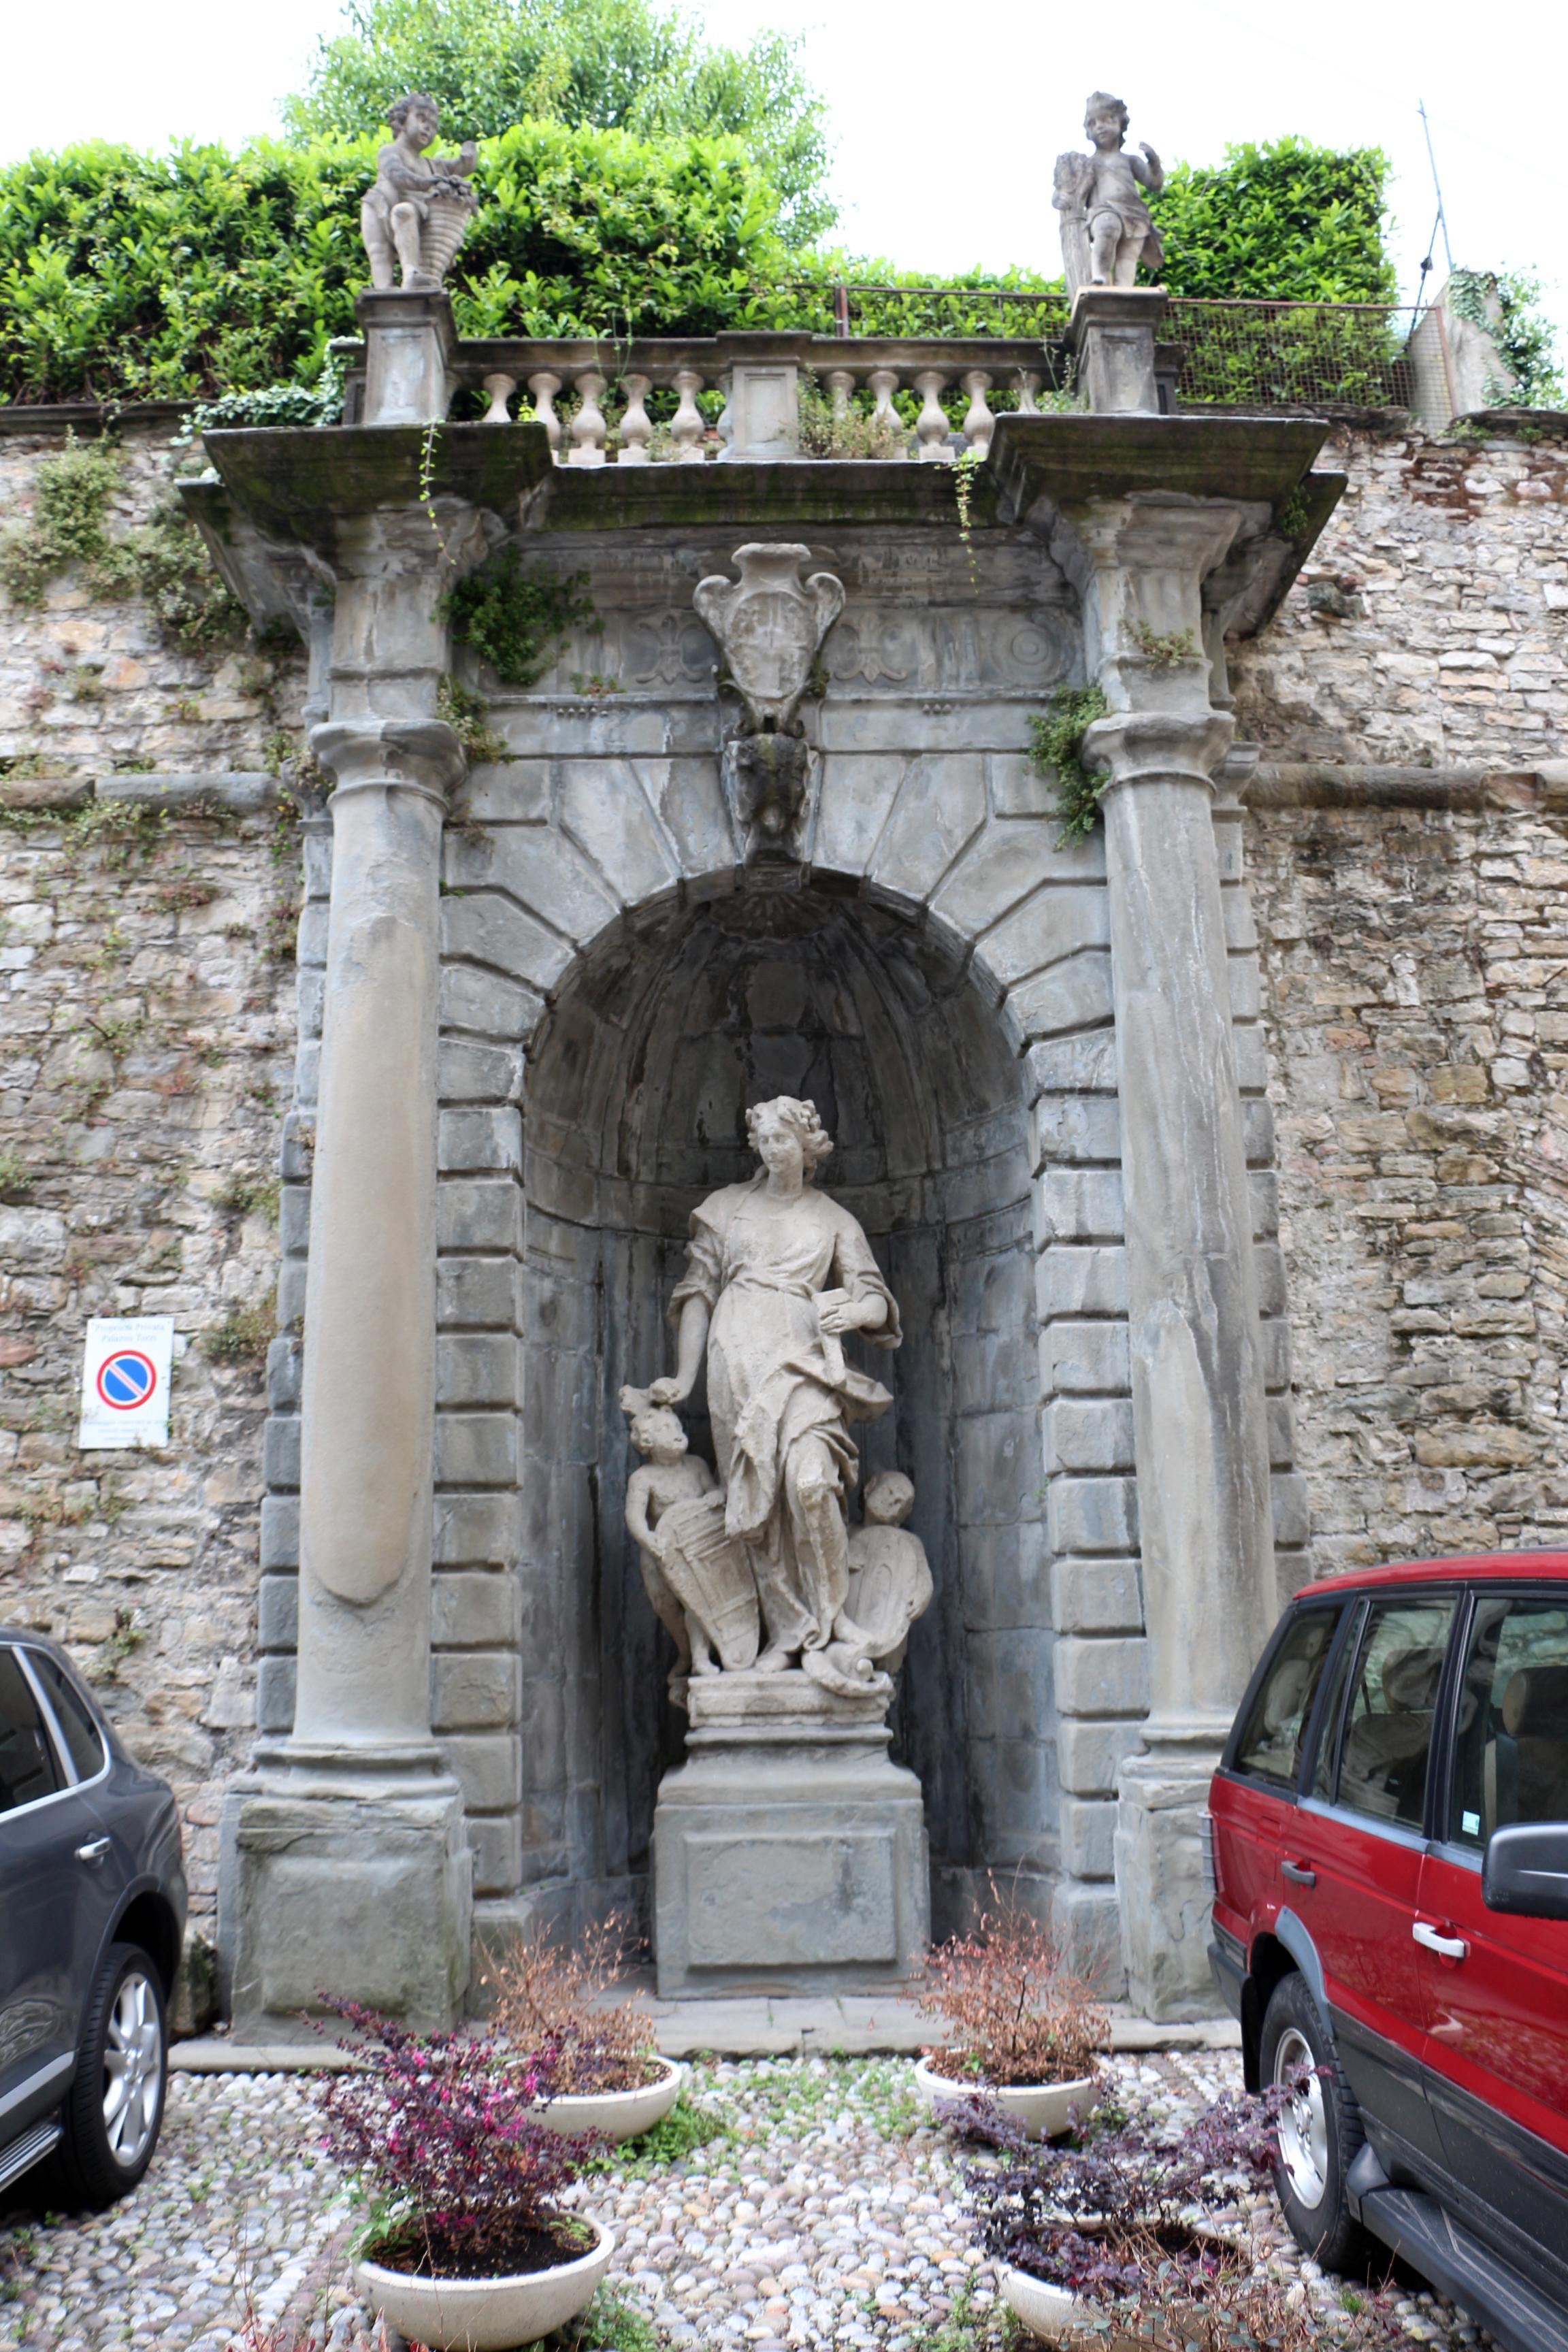 Architetti A Bergamo file:giovanni antonio sanz, l'architettura, in piazza terzi